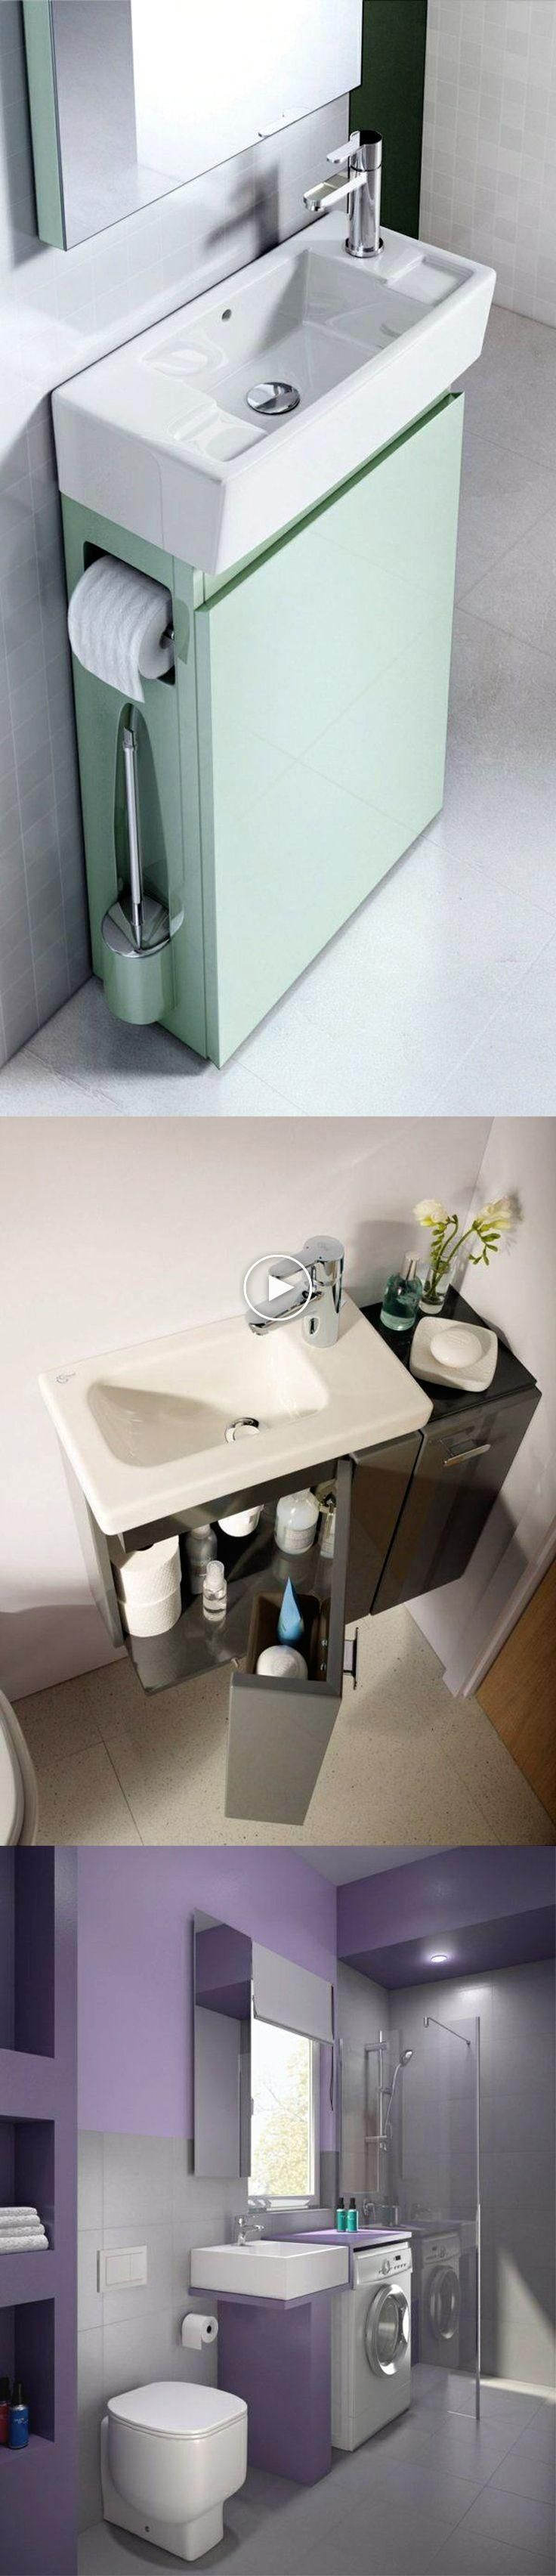 Idées petites salles de bains: Mobilier de salle de bains moderne peu encombrant; Évier armoi…